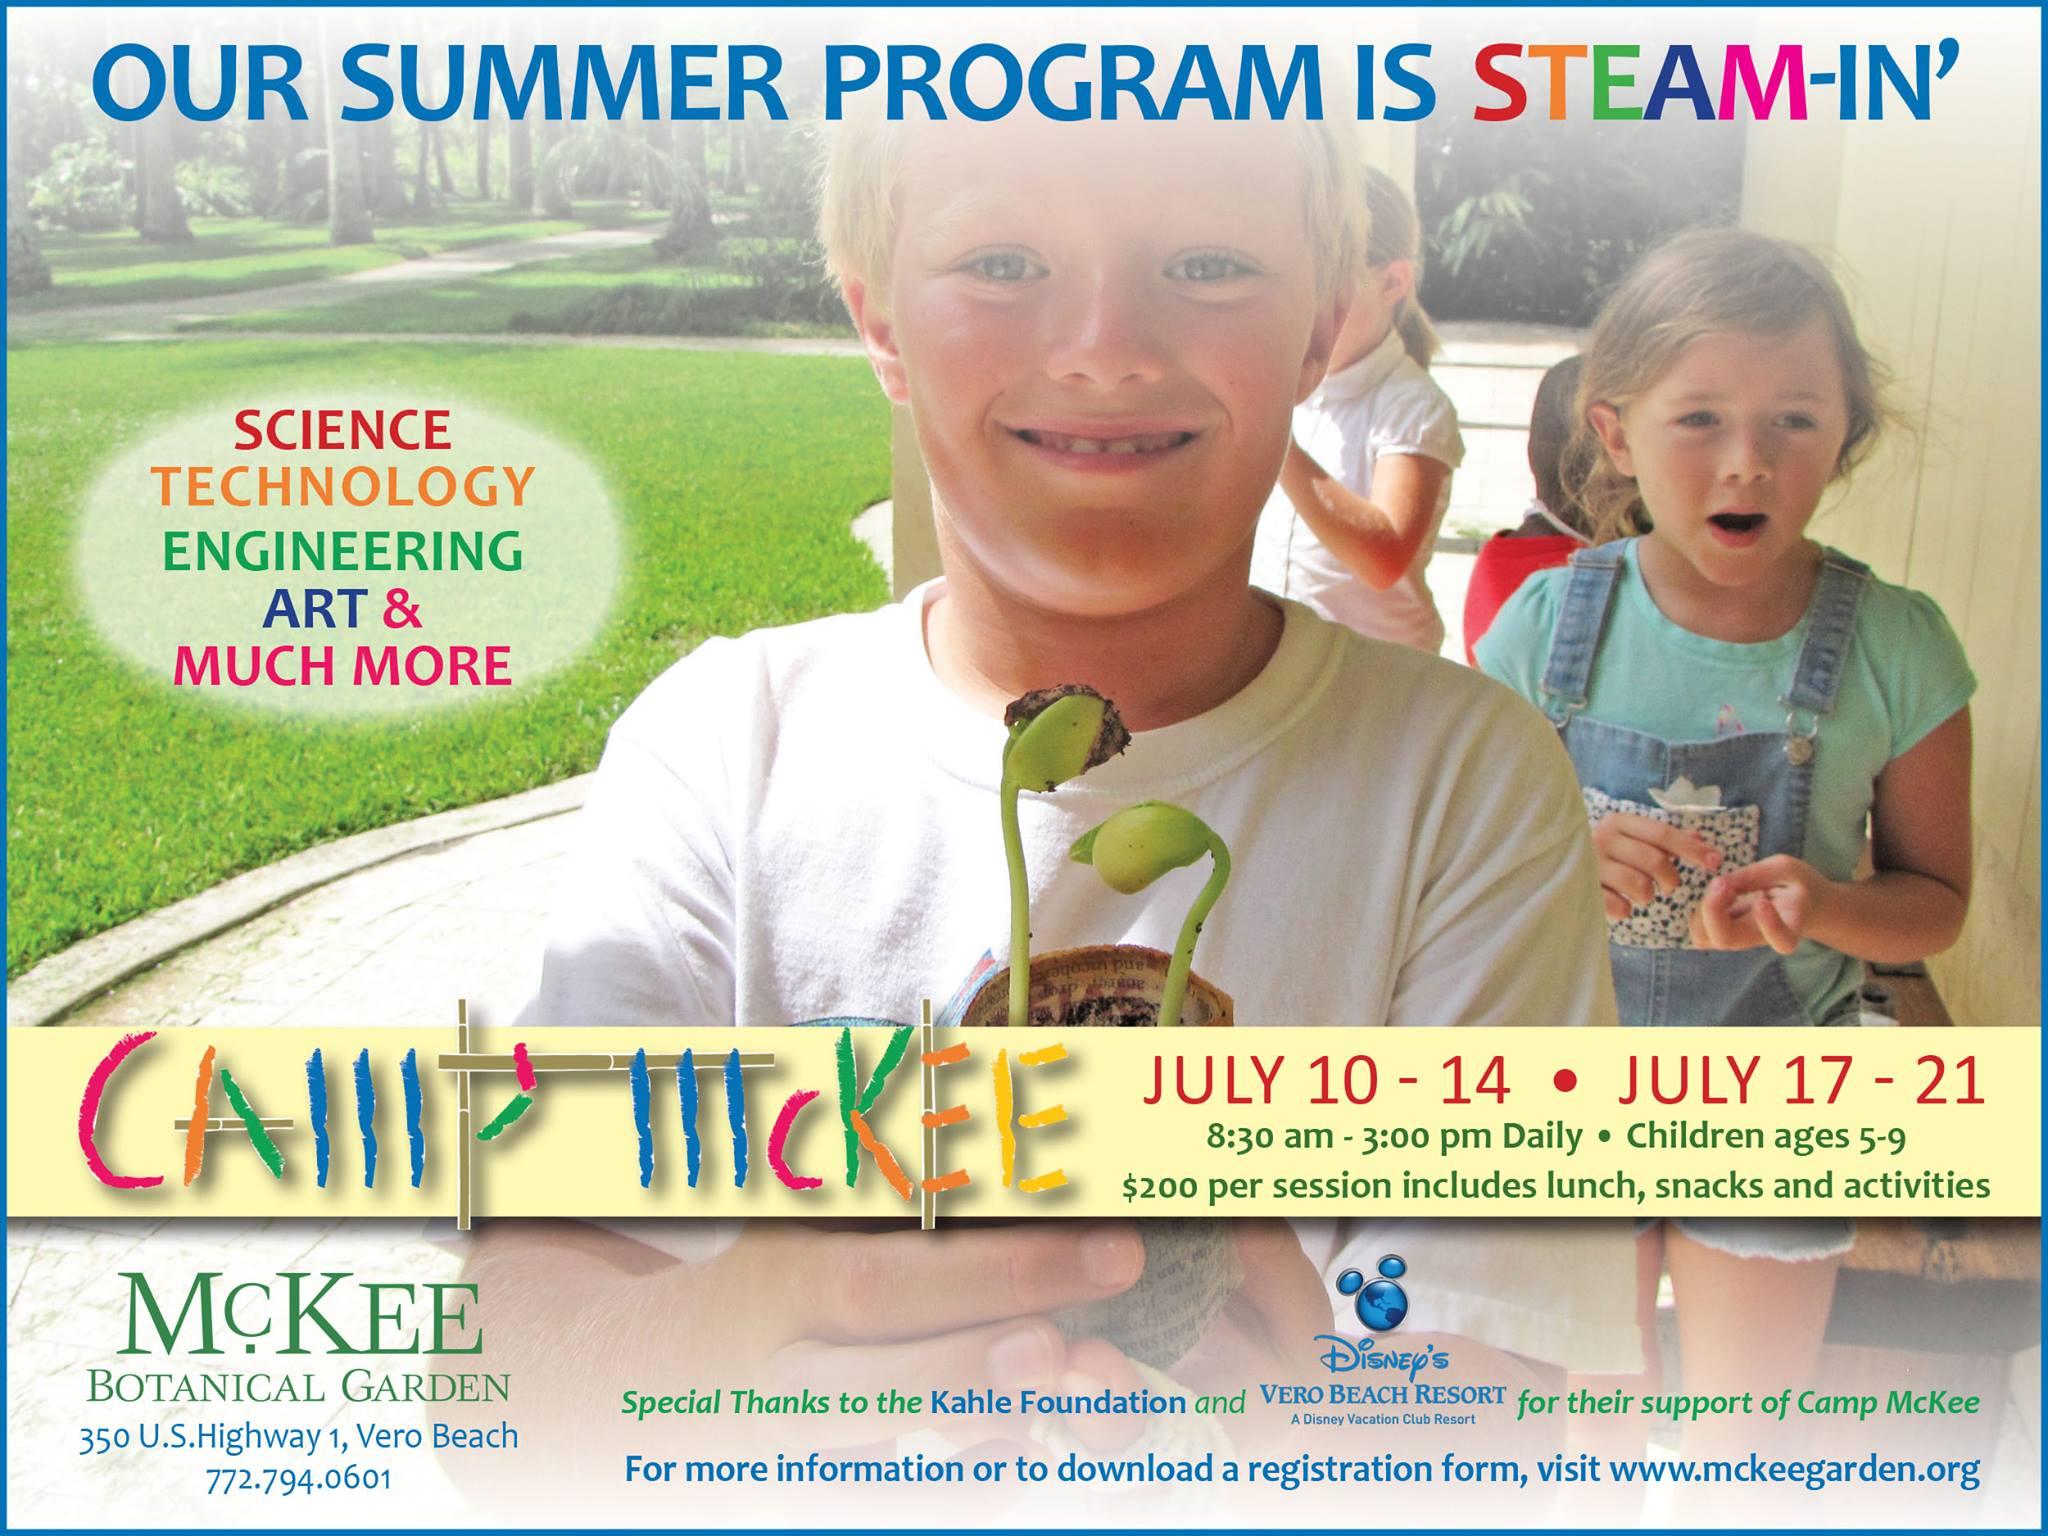 Summer Camp At Mckee